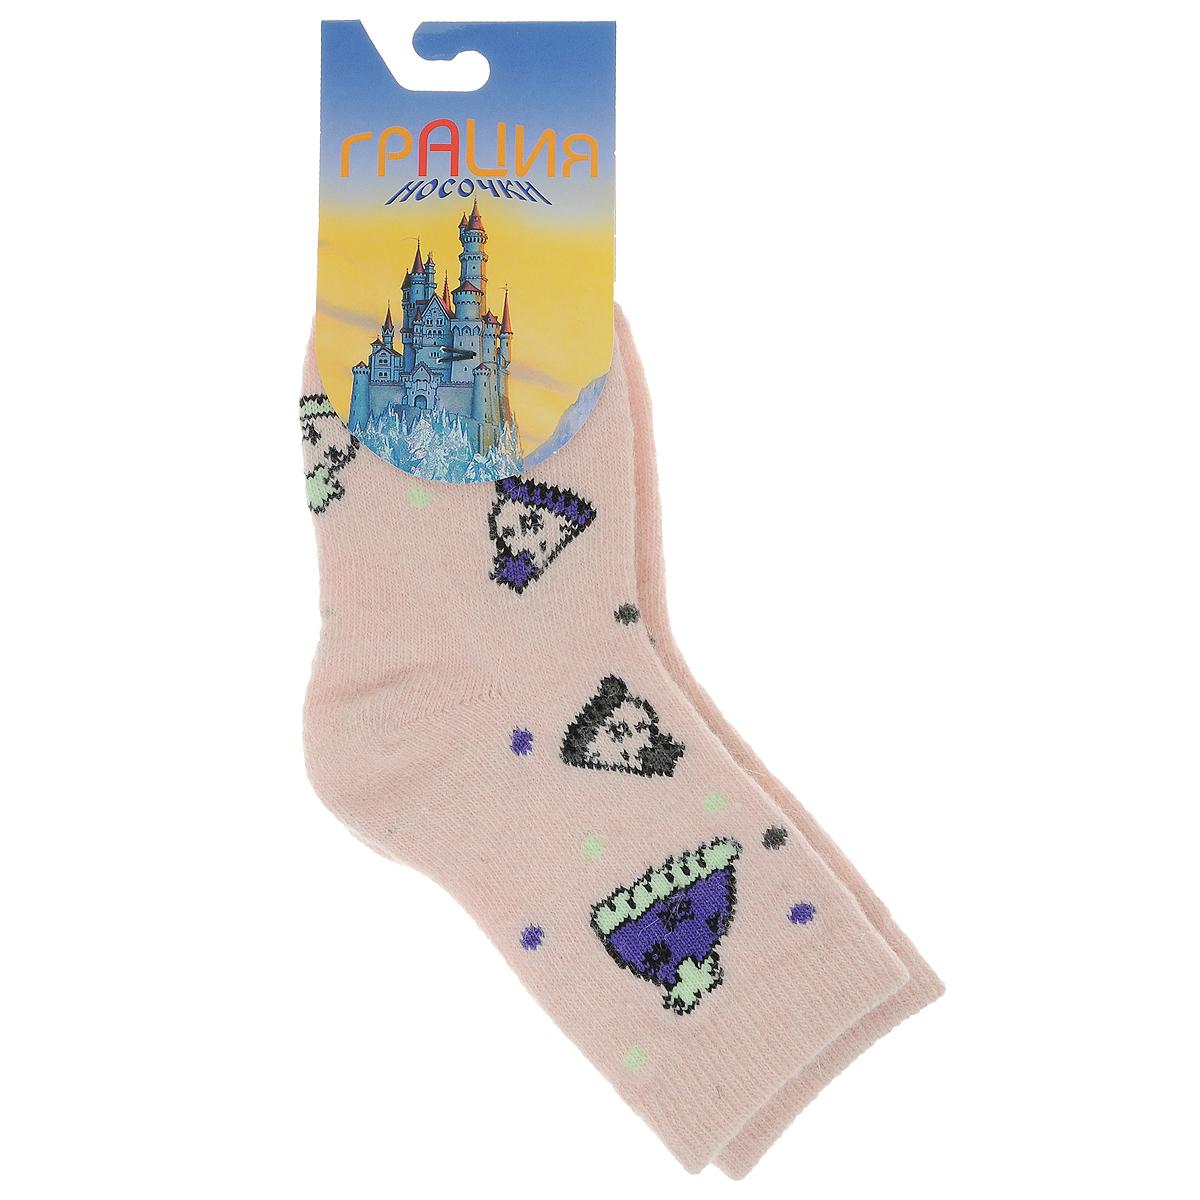 Д 2303_10Детские теплые носки Грация - прекрасный вариант для вашего ребенка. Они изготовлены из экологически чистой пряжи смешанного состава, очень мягкие на ощупь, не раздражают даже самую нежную и чувствительную кожу. Носки имеют анатомическую двубортную резинку и плоский шов на мыске. Оформлена модель вязаным рисунком в виде шапочек и цветных горошин. Они послужат замечательным дополнением к детскому гардеробу и сохранят ножки вашего ребенка в тепле!